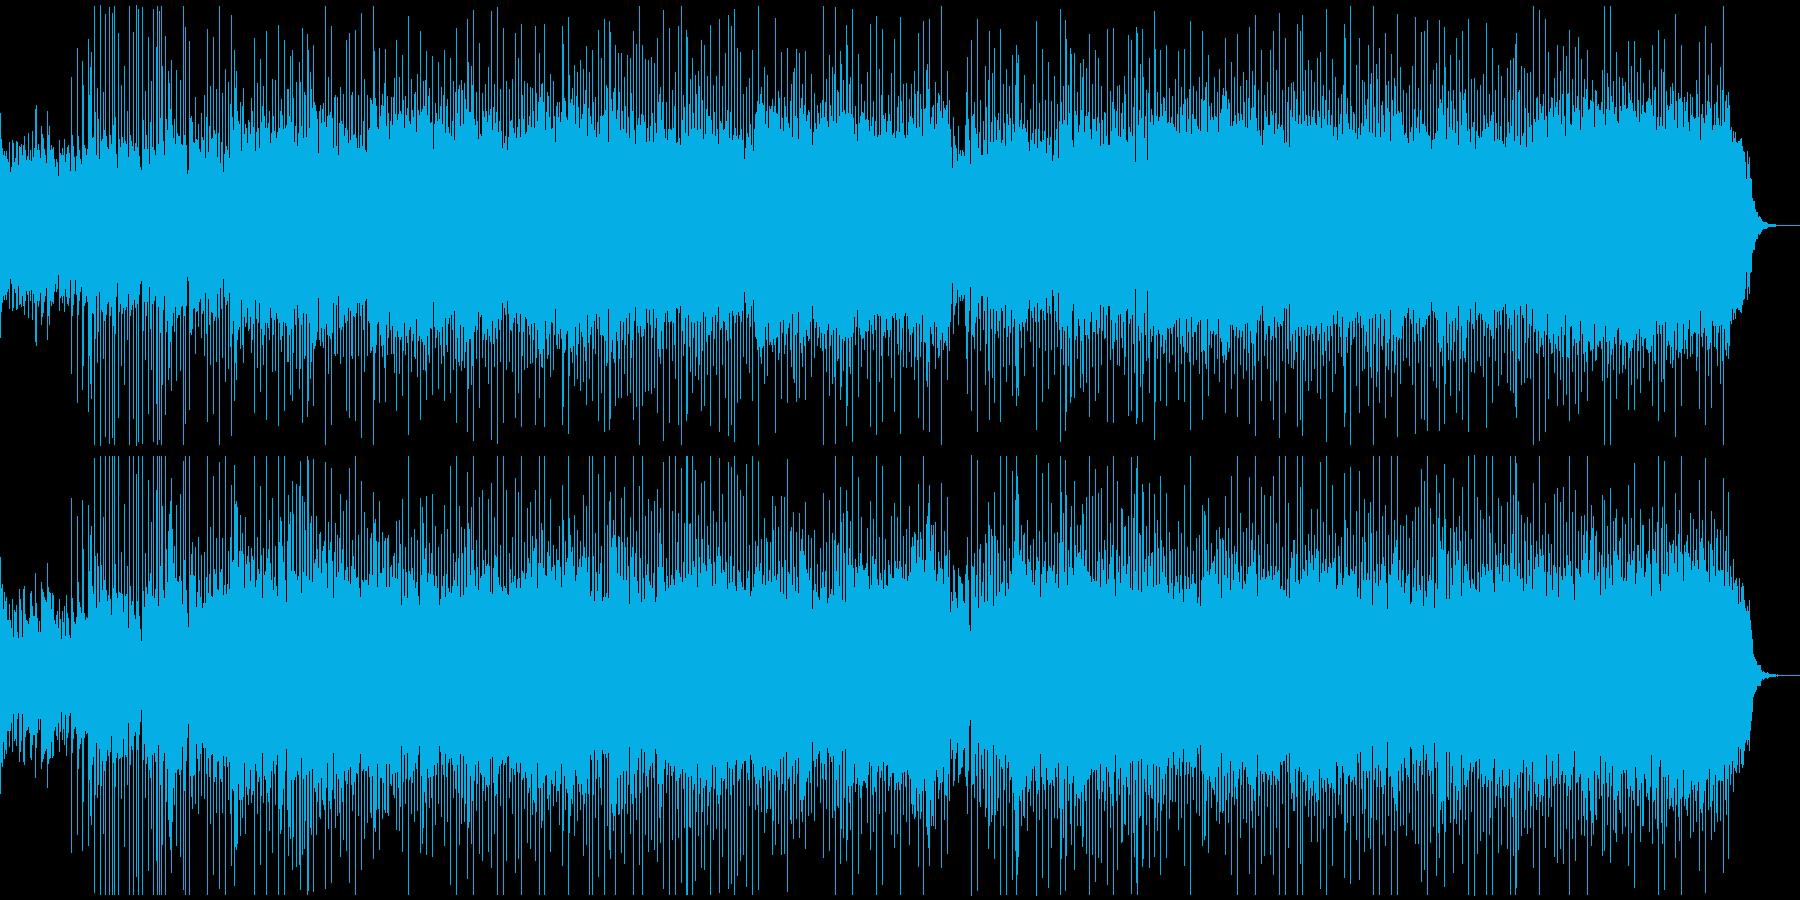 サイバーパンクな和風のダークBGMの再生済みの波形